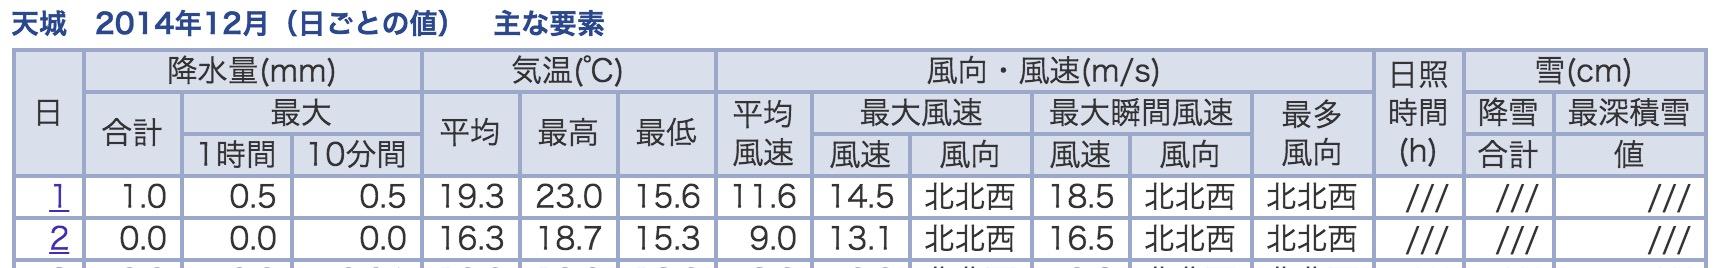 2014年12月初頭の気象庁の記録